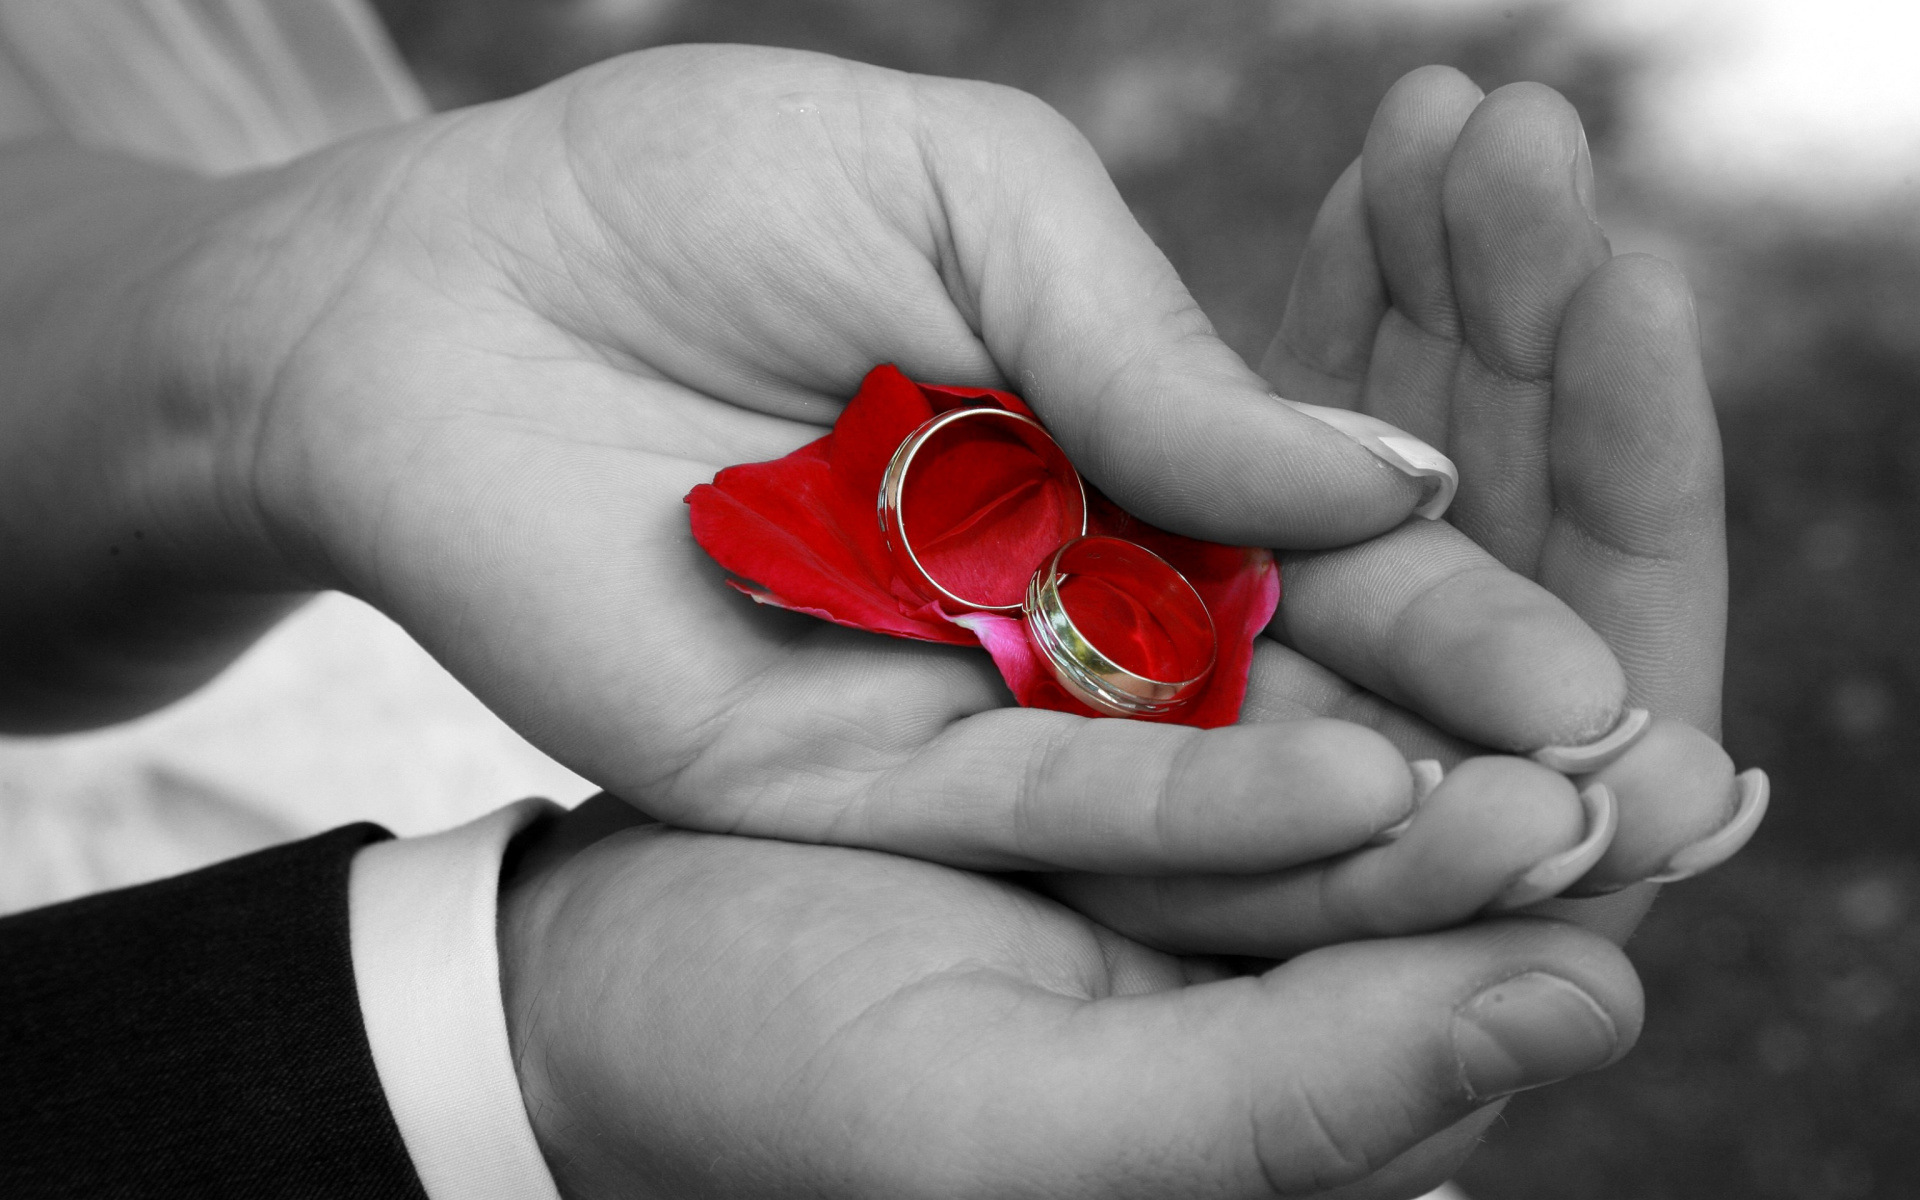 Красивые картинки руки влюбленных с цветами